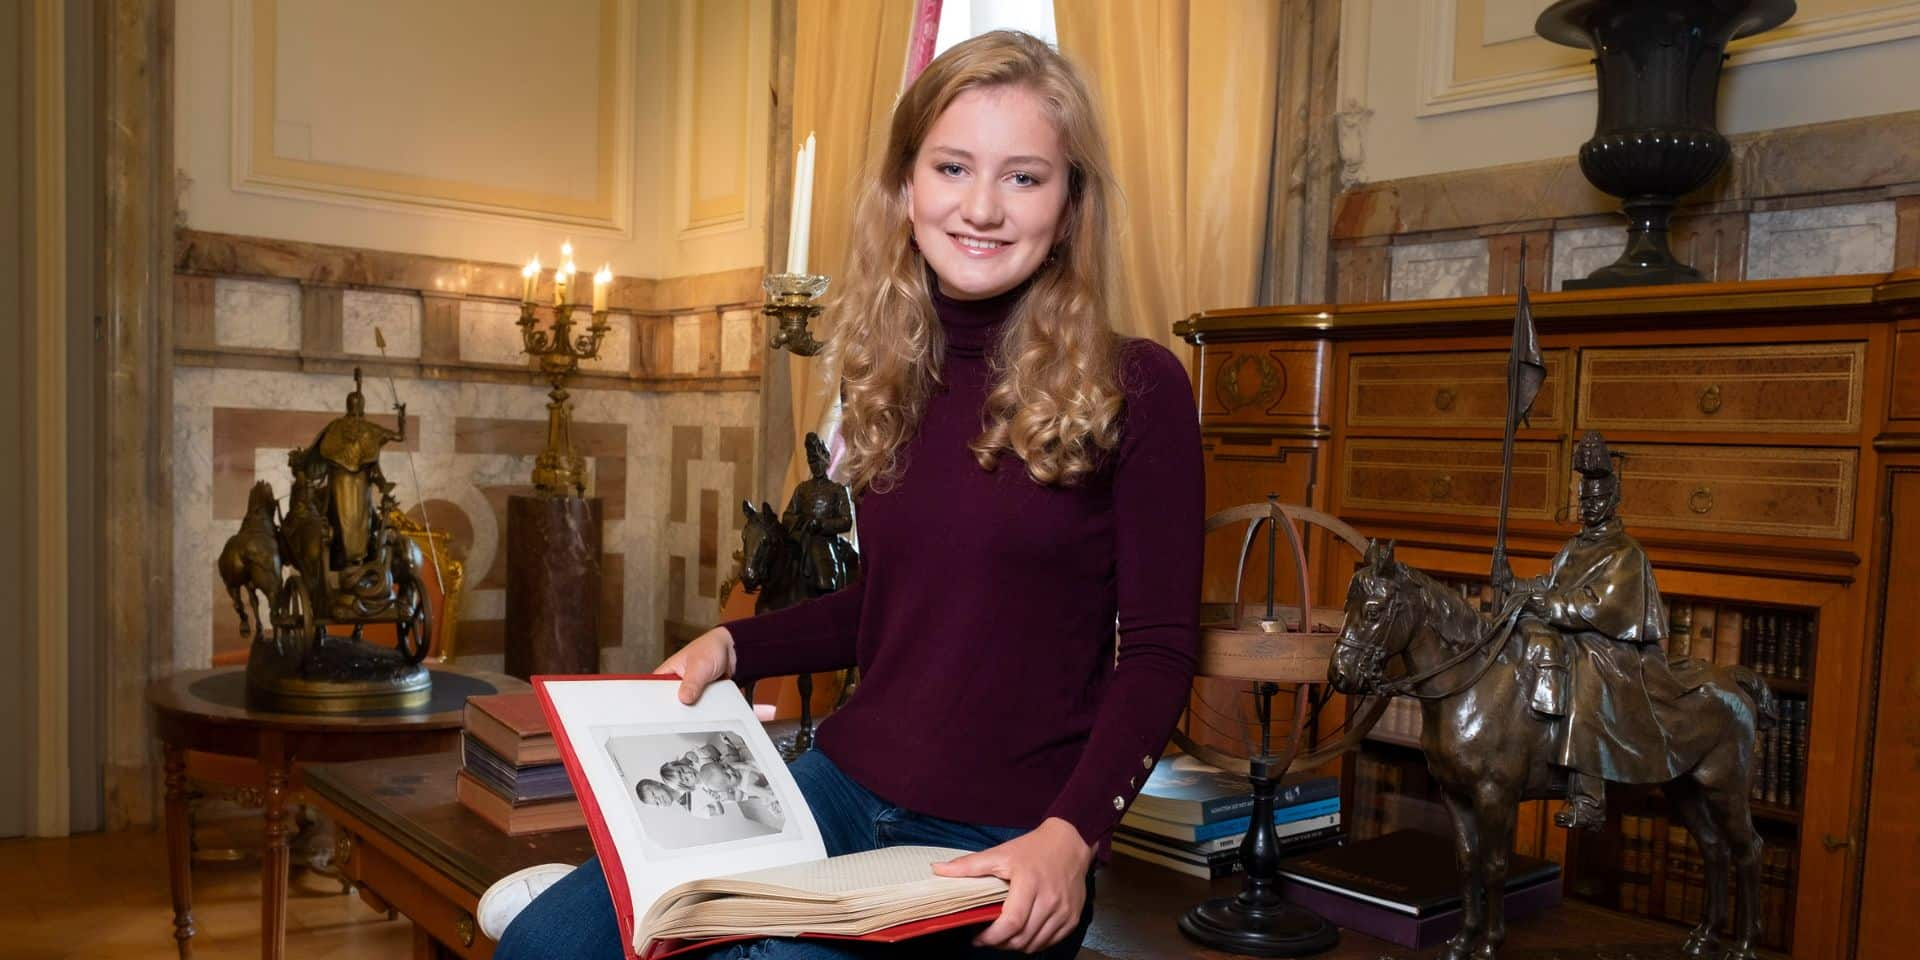 Voici les photos de la princesse Elisabeth à l'occasion de ses 18 ans